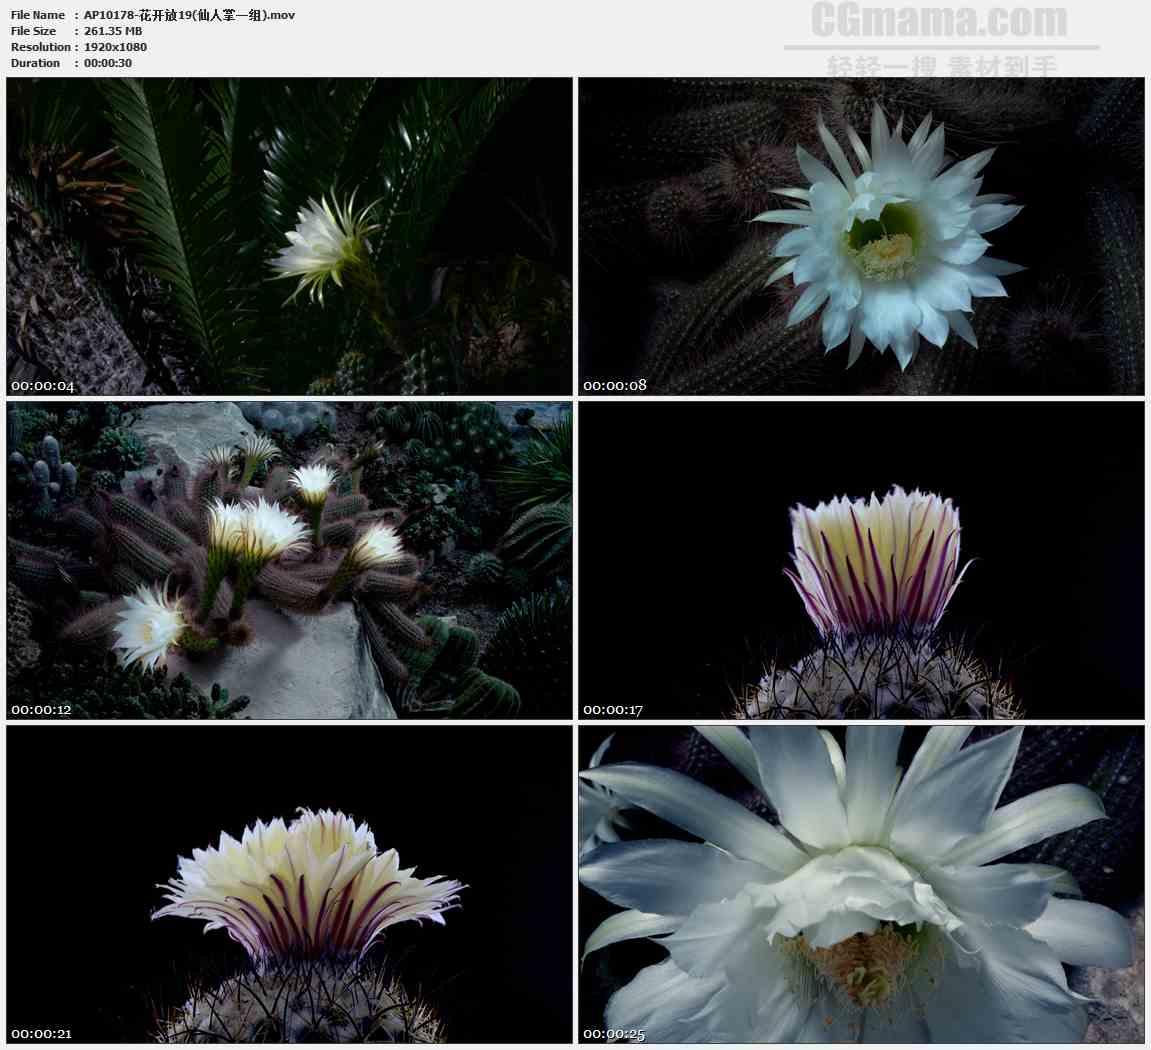 AP10178-白色仙人掌花盛开高清实拍视频素材